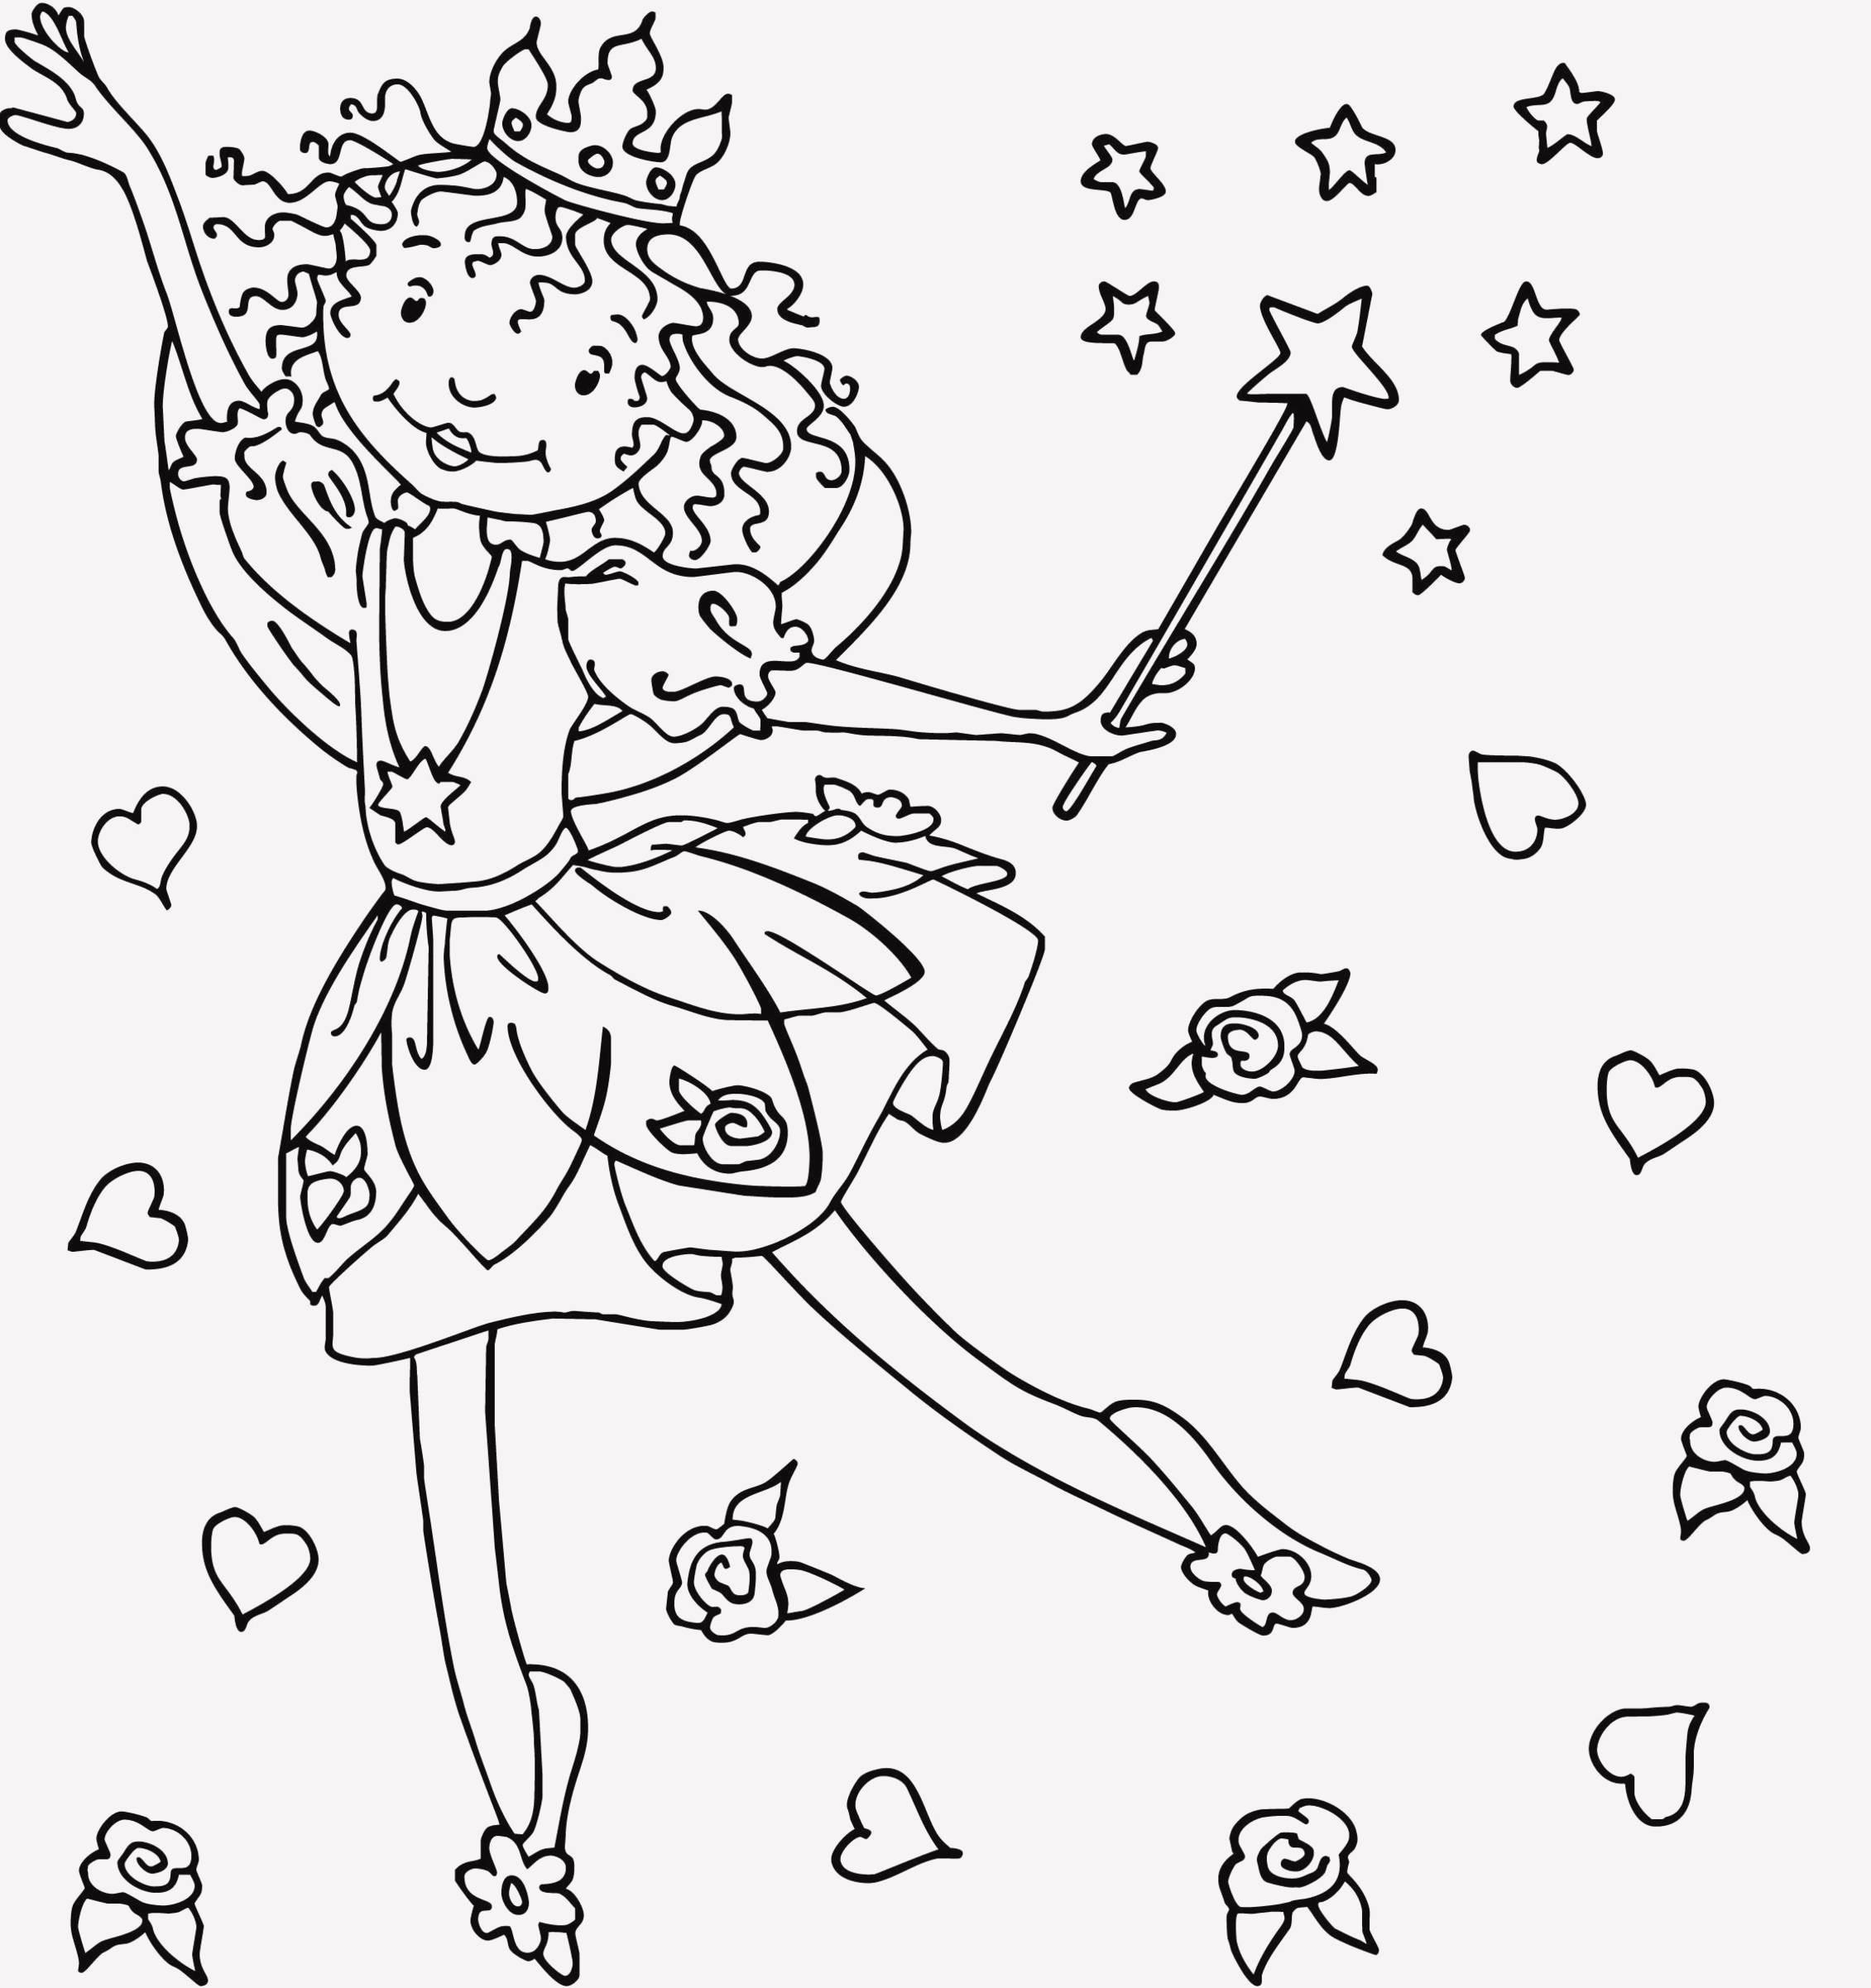 Ausmalbild Einhorn Mit Fee Frisch 25 Druckbar Ausmalbilder Prinzessin Lillifee Kleine Einhorn Schön Bild